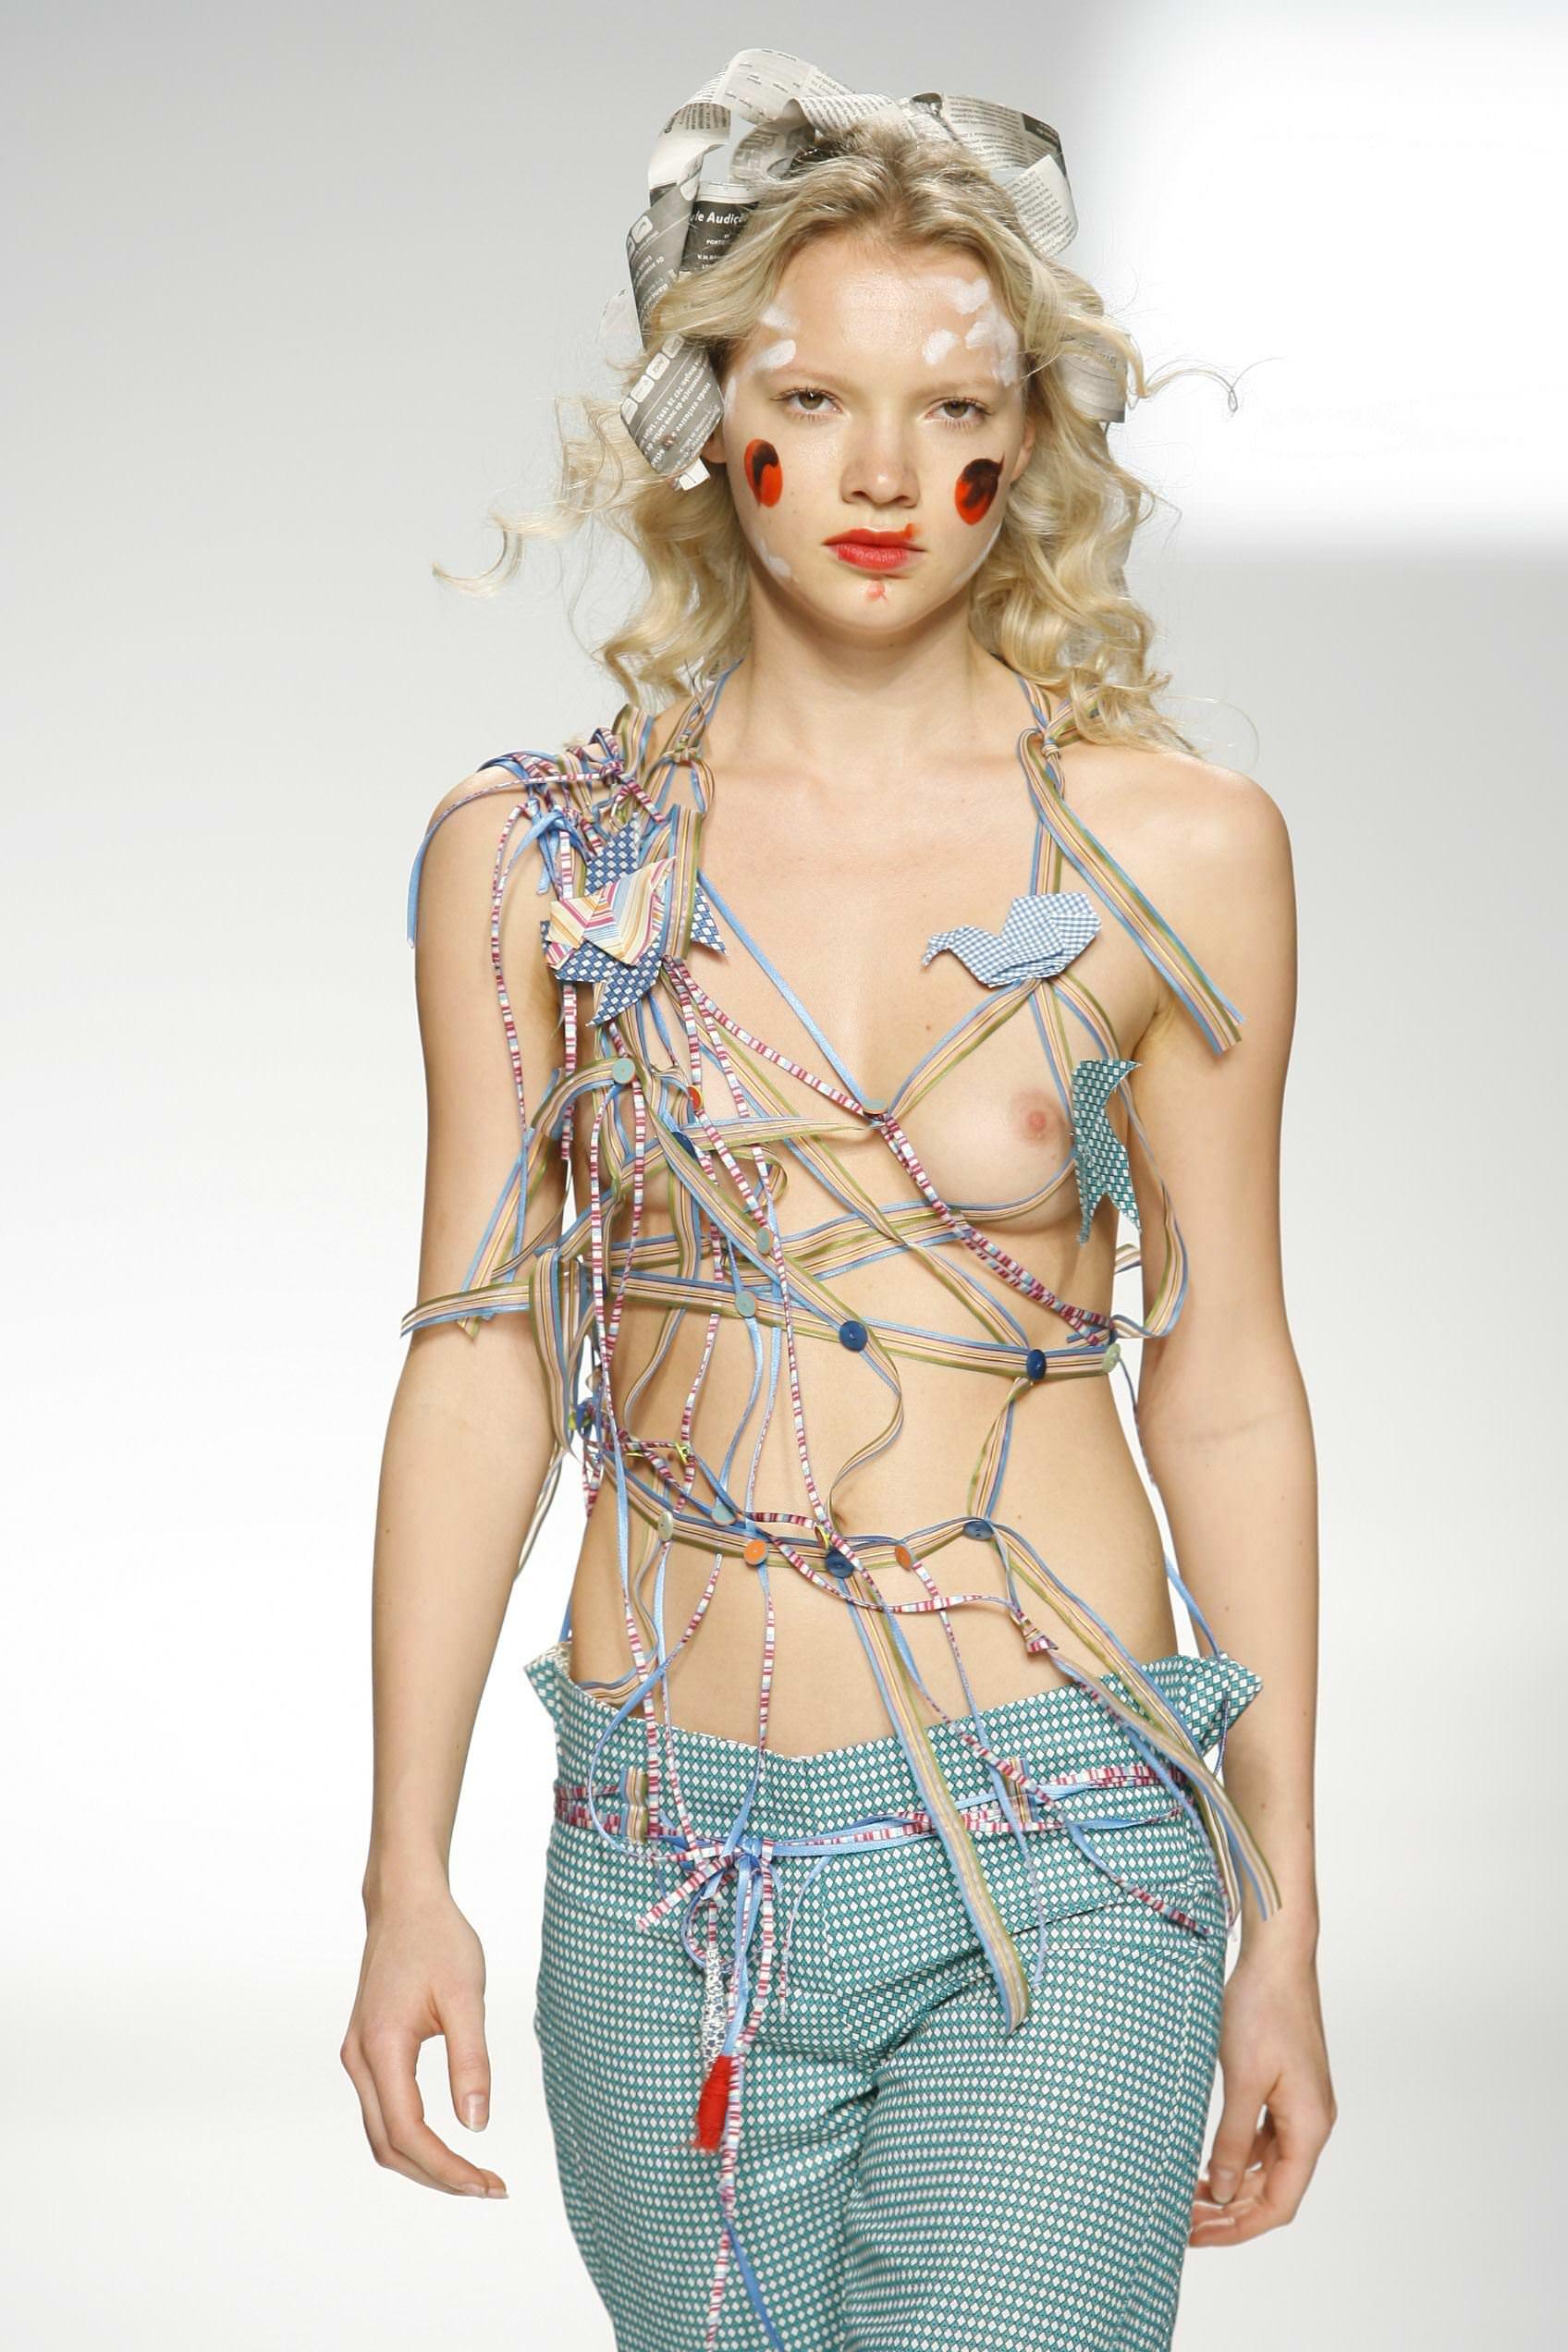 【外人】スーパーモデルがファッションショーで美乳首見せちゃってるおっぱいポルノ画像 554